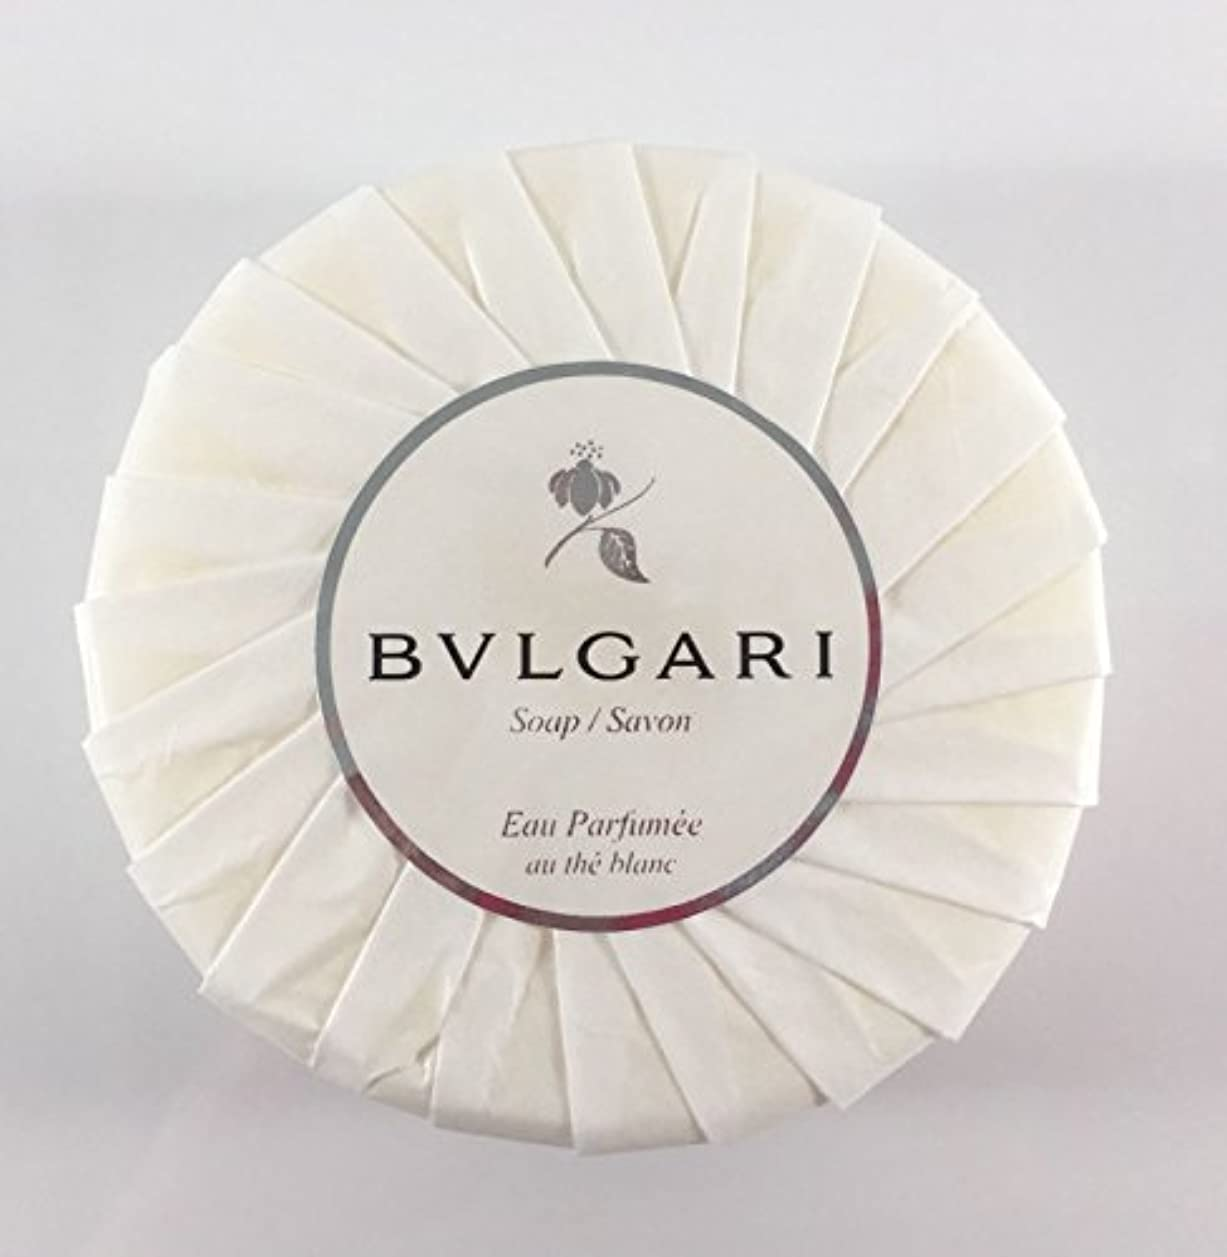 ベーコン退化する北極圏ブルガリ オ?パフメ オーテブラン デラックスソープ150g BVLGARI Bvlgari Eau Parfumee au the blanc White Soap